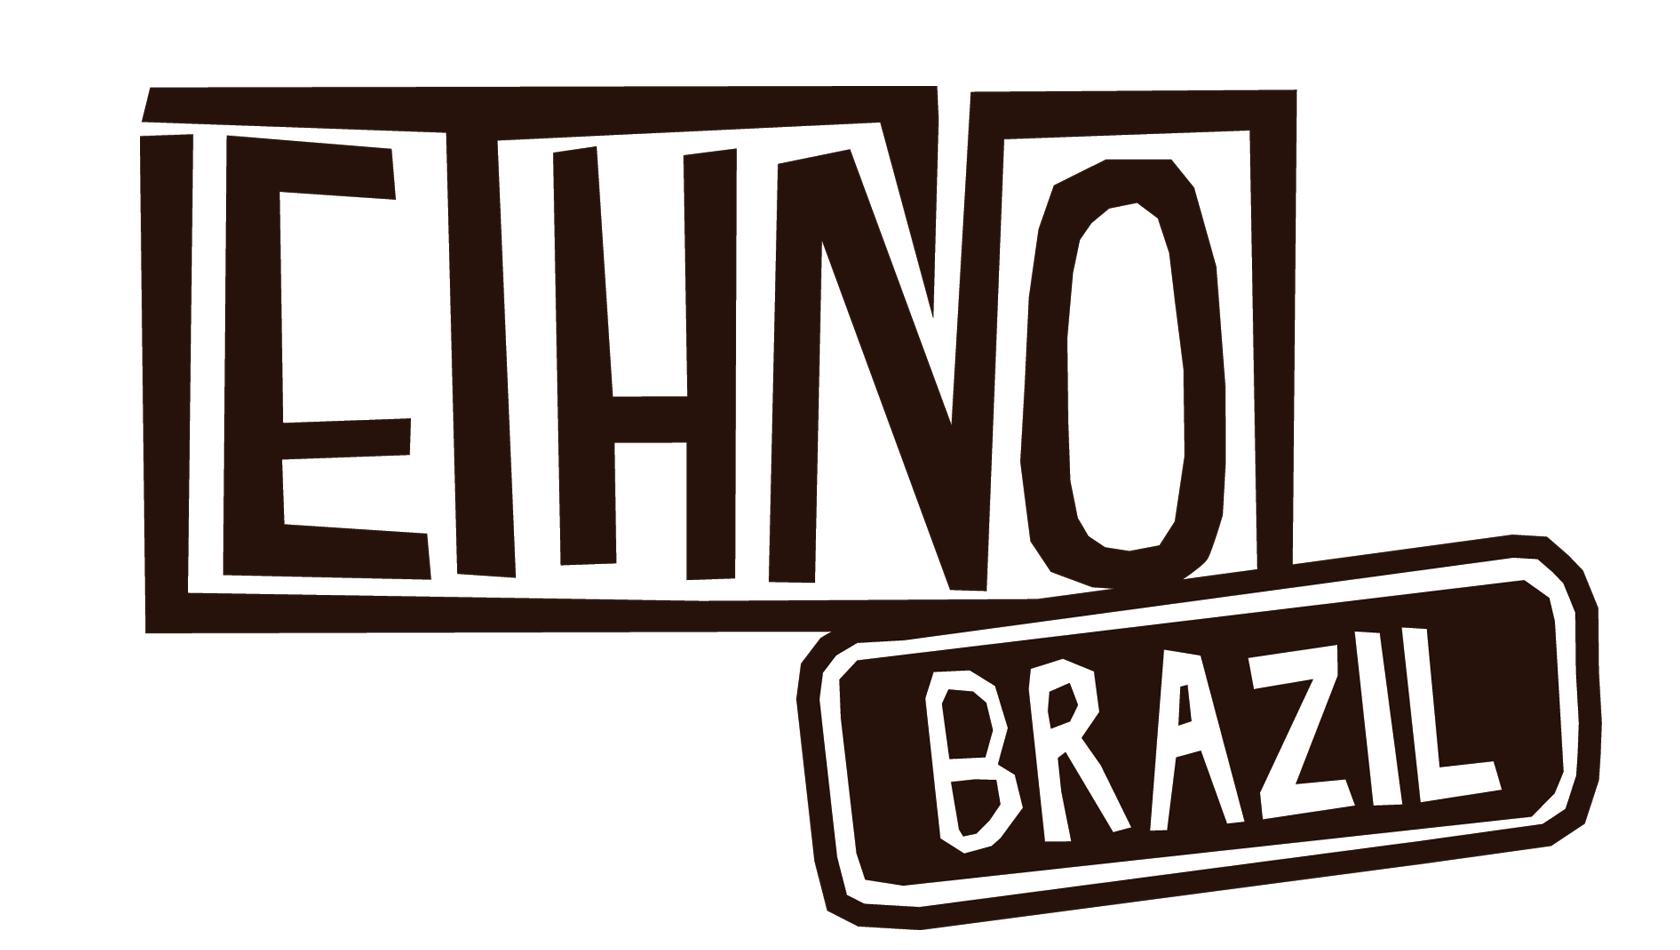 Ethno-Brazil_logo